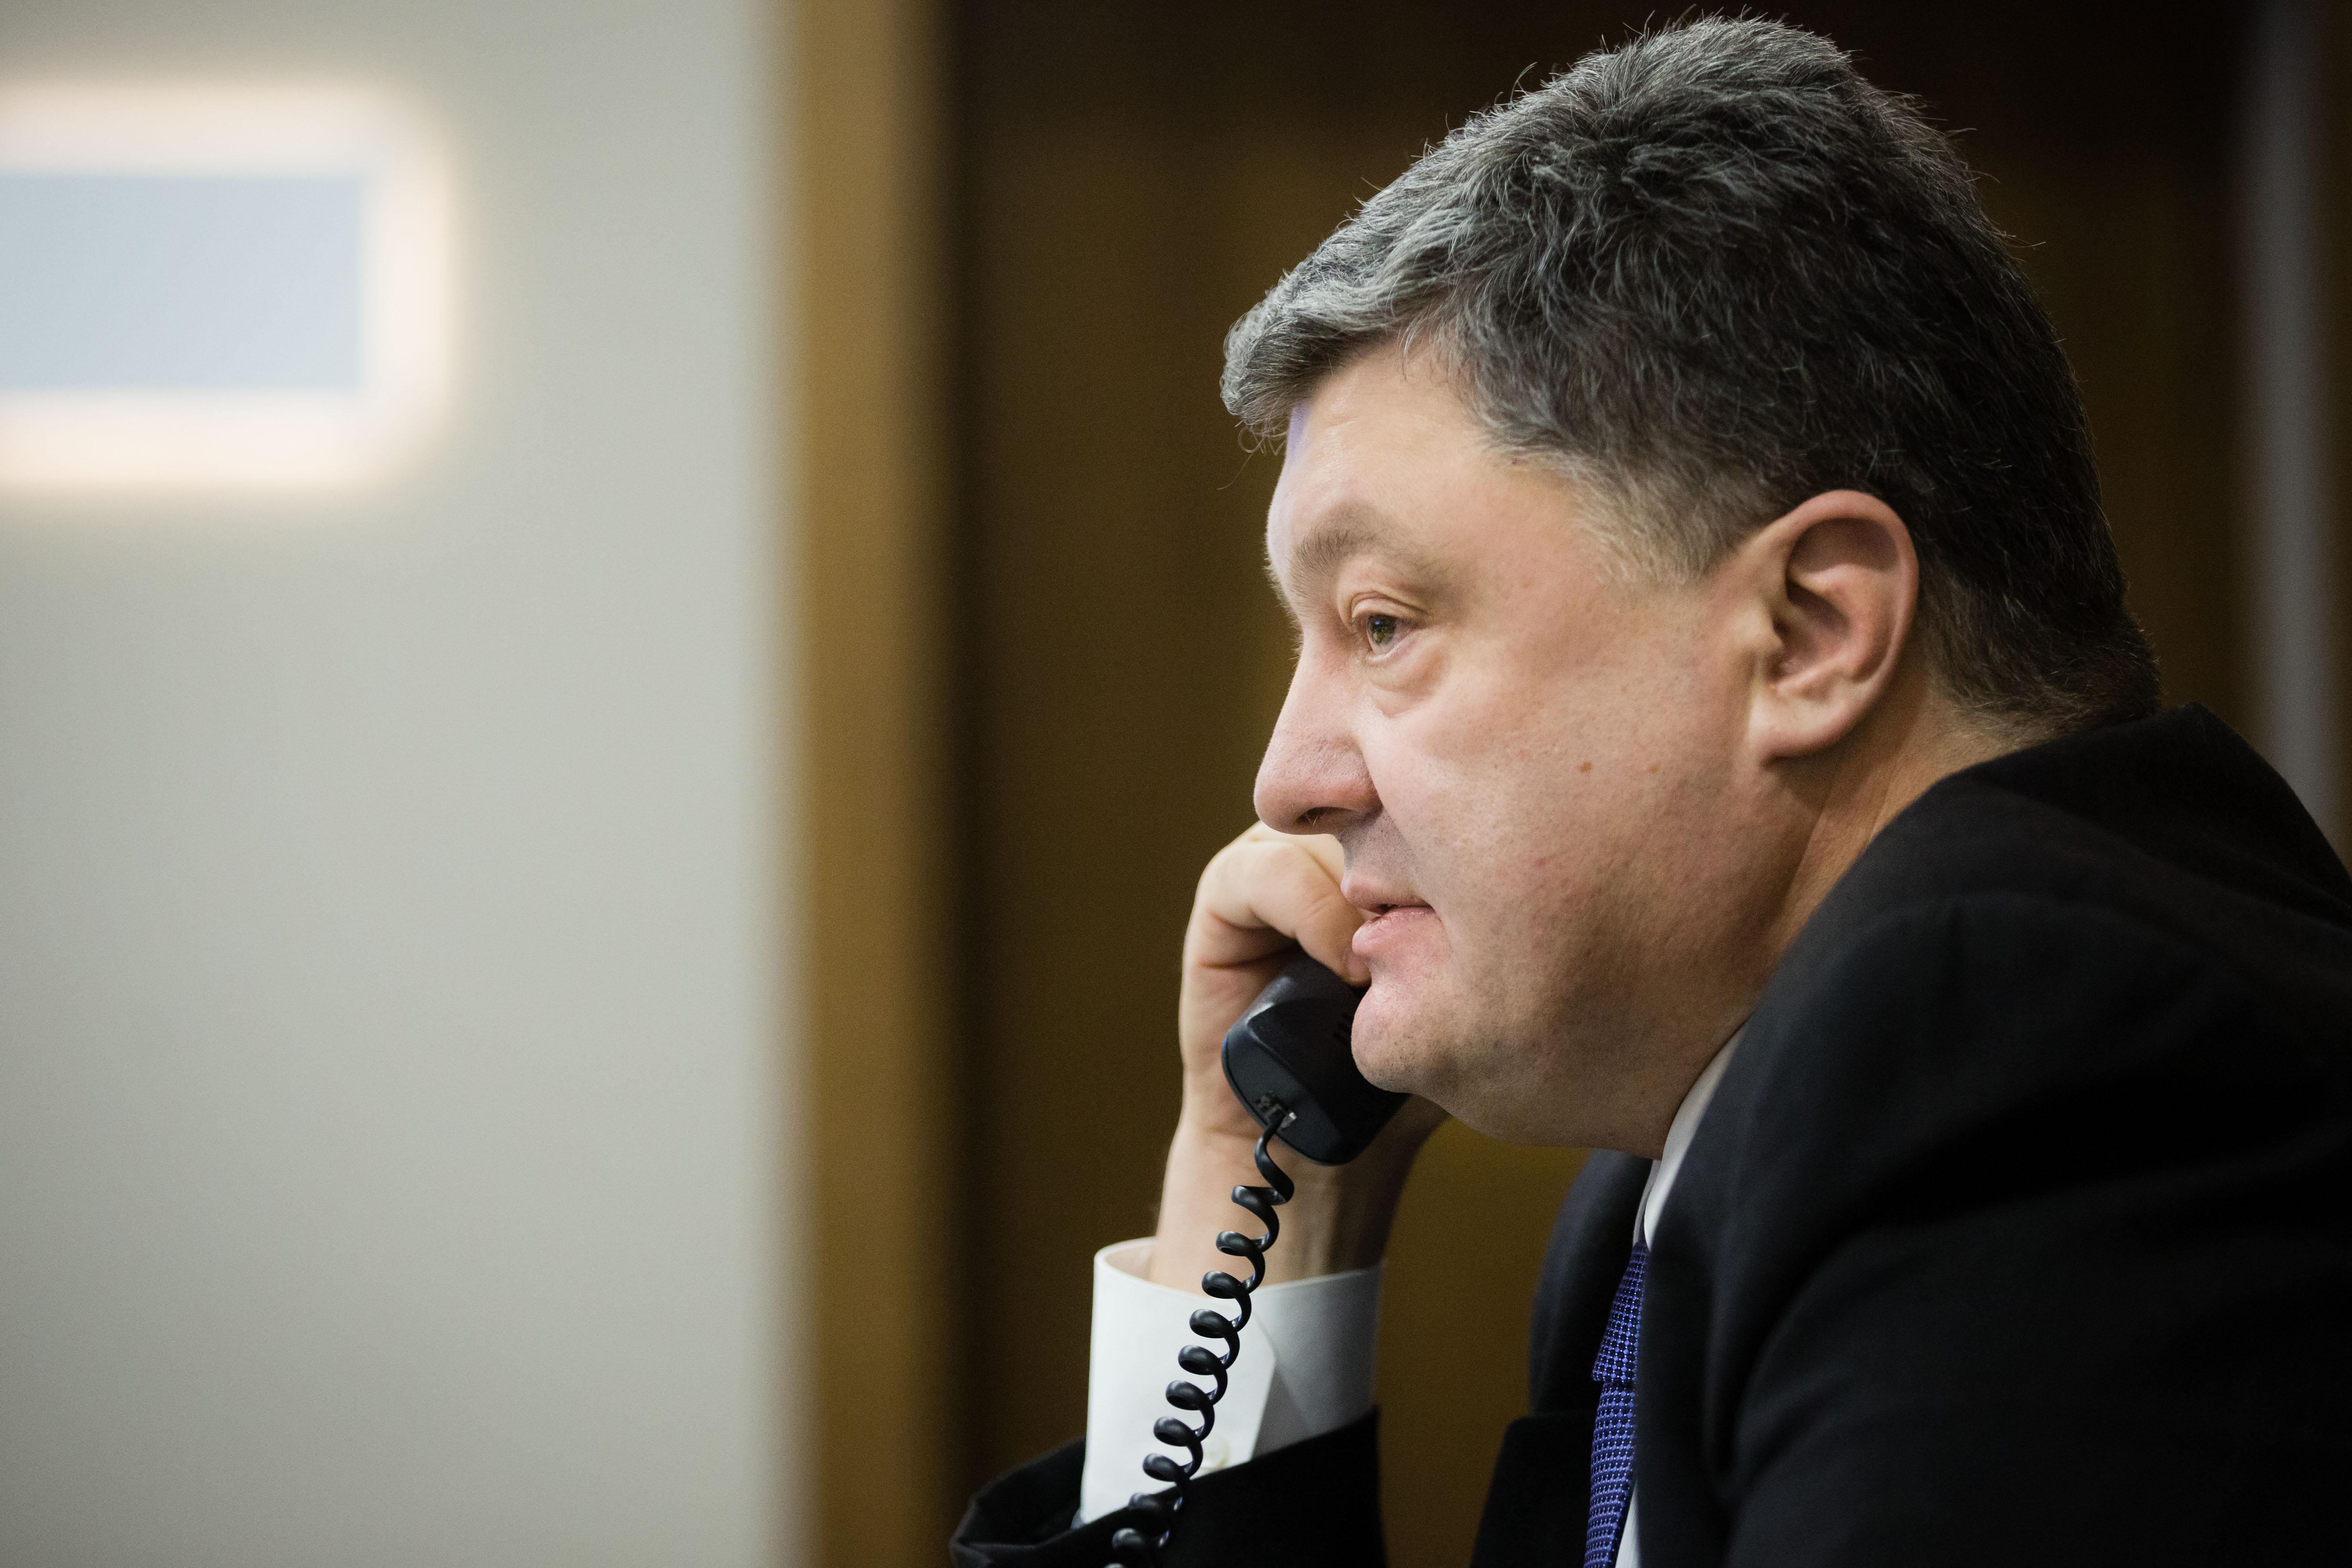 Петр Порошенко смог поговорить с Надеждой Савченко с помощью Генконсула Украины в РФ: делаются последние шаги для освобождения летчицы